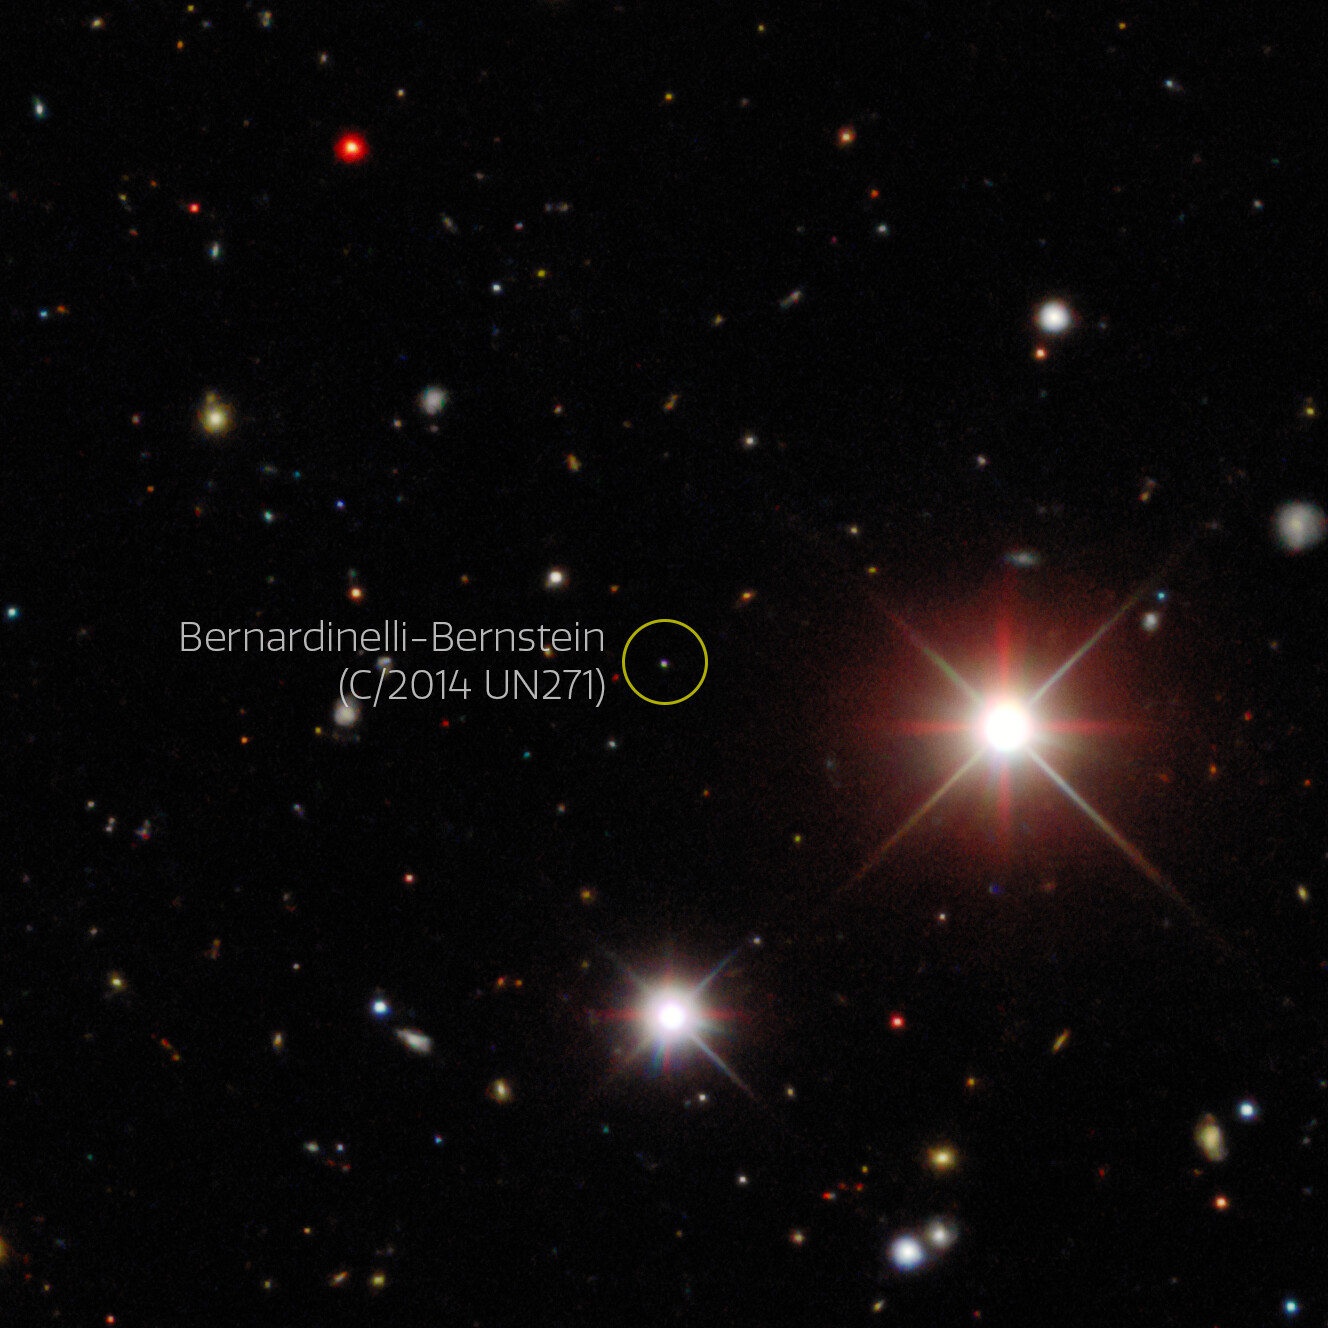 Komet Bernardinelli-Bernstein. Izvor: Wikimedia Commons.